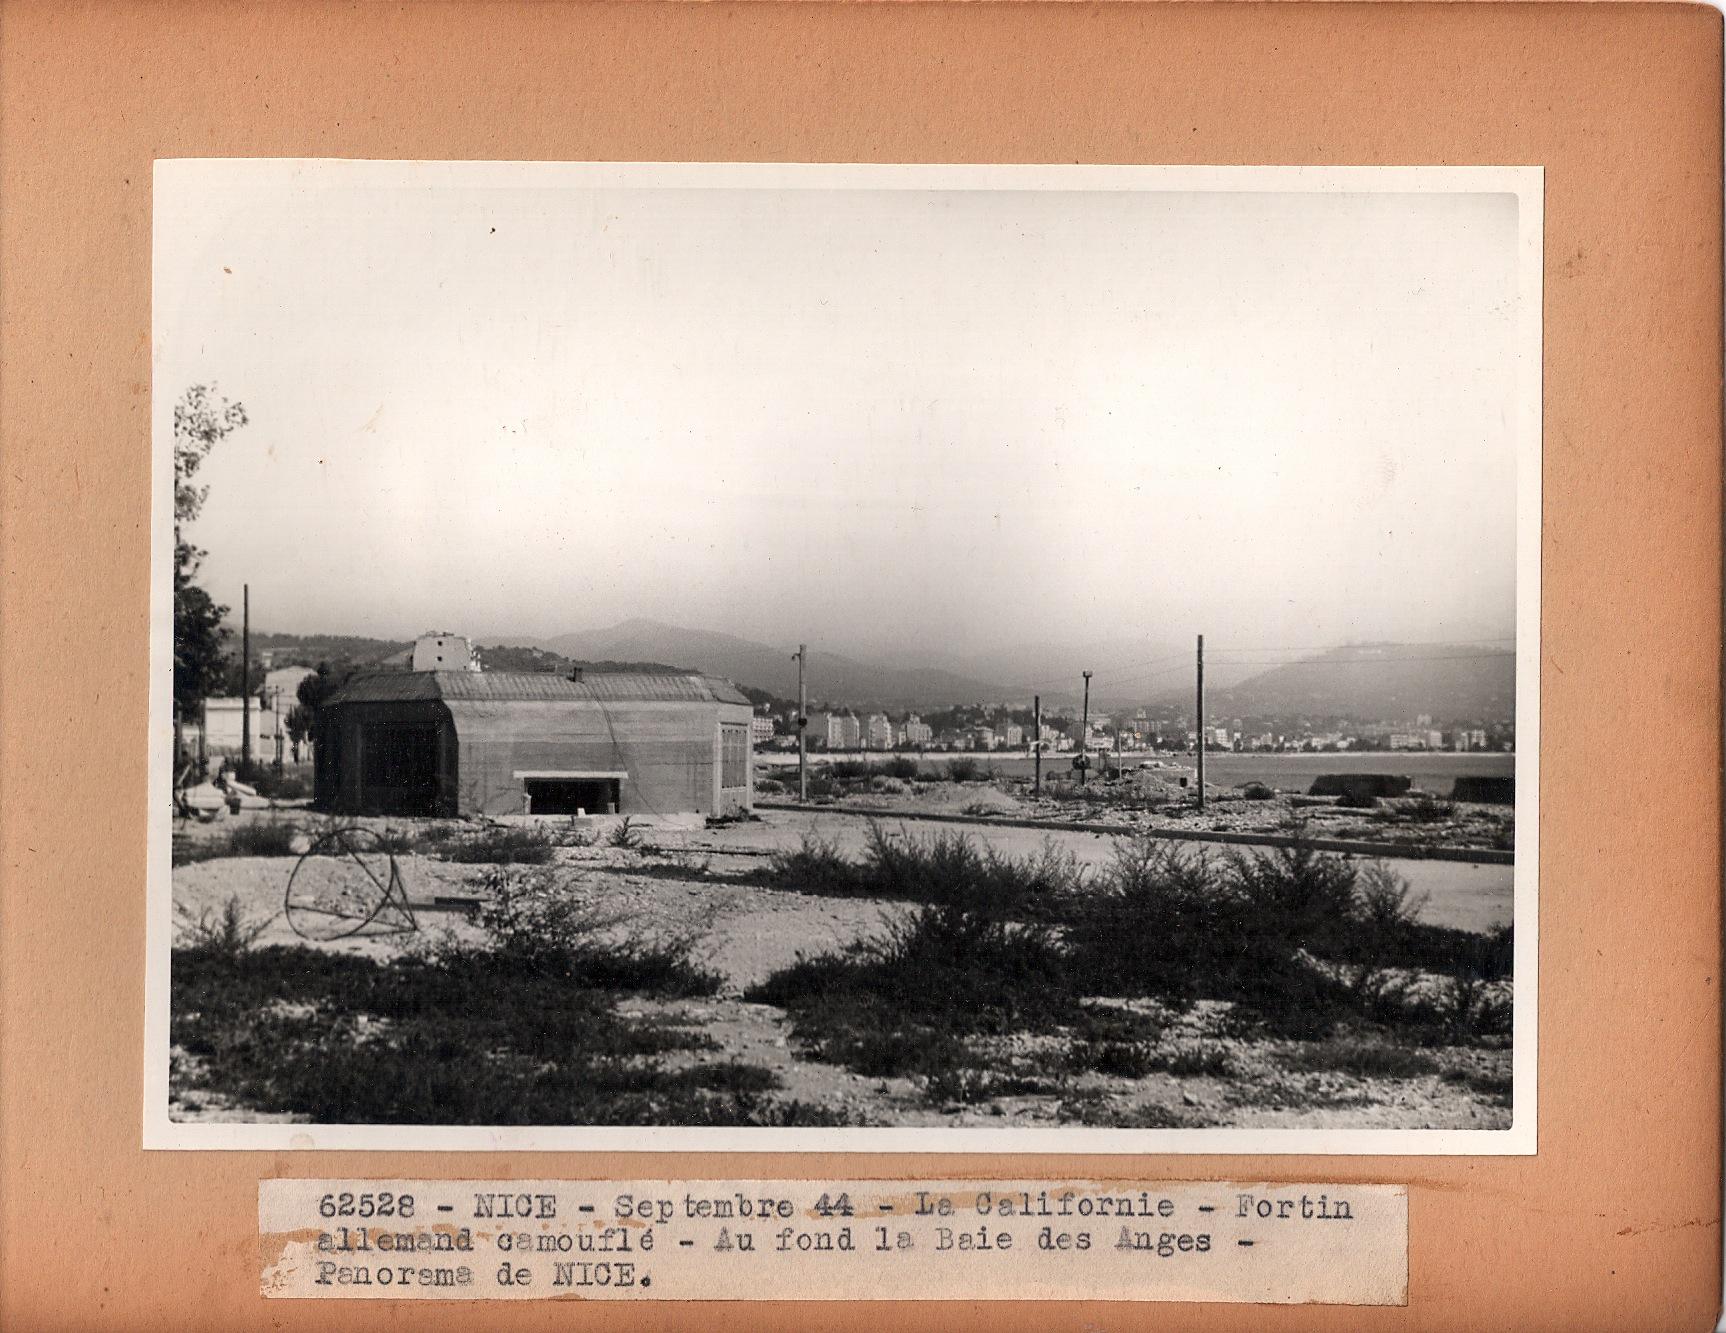 NICE 1944 77